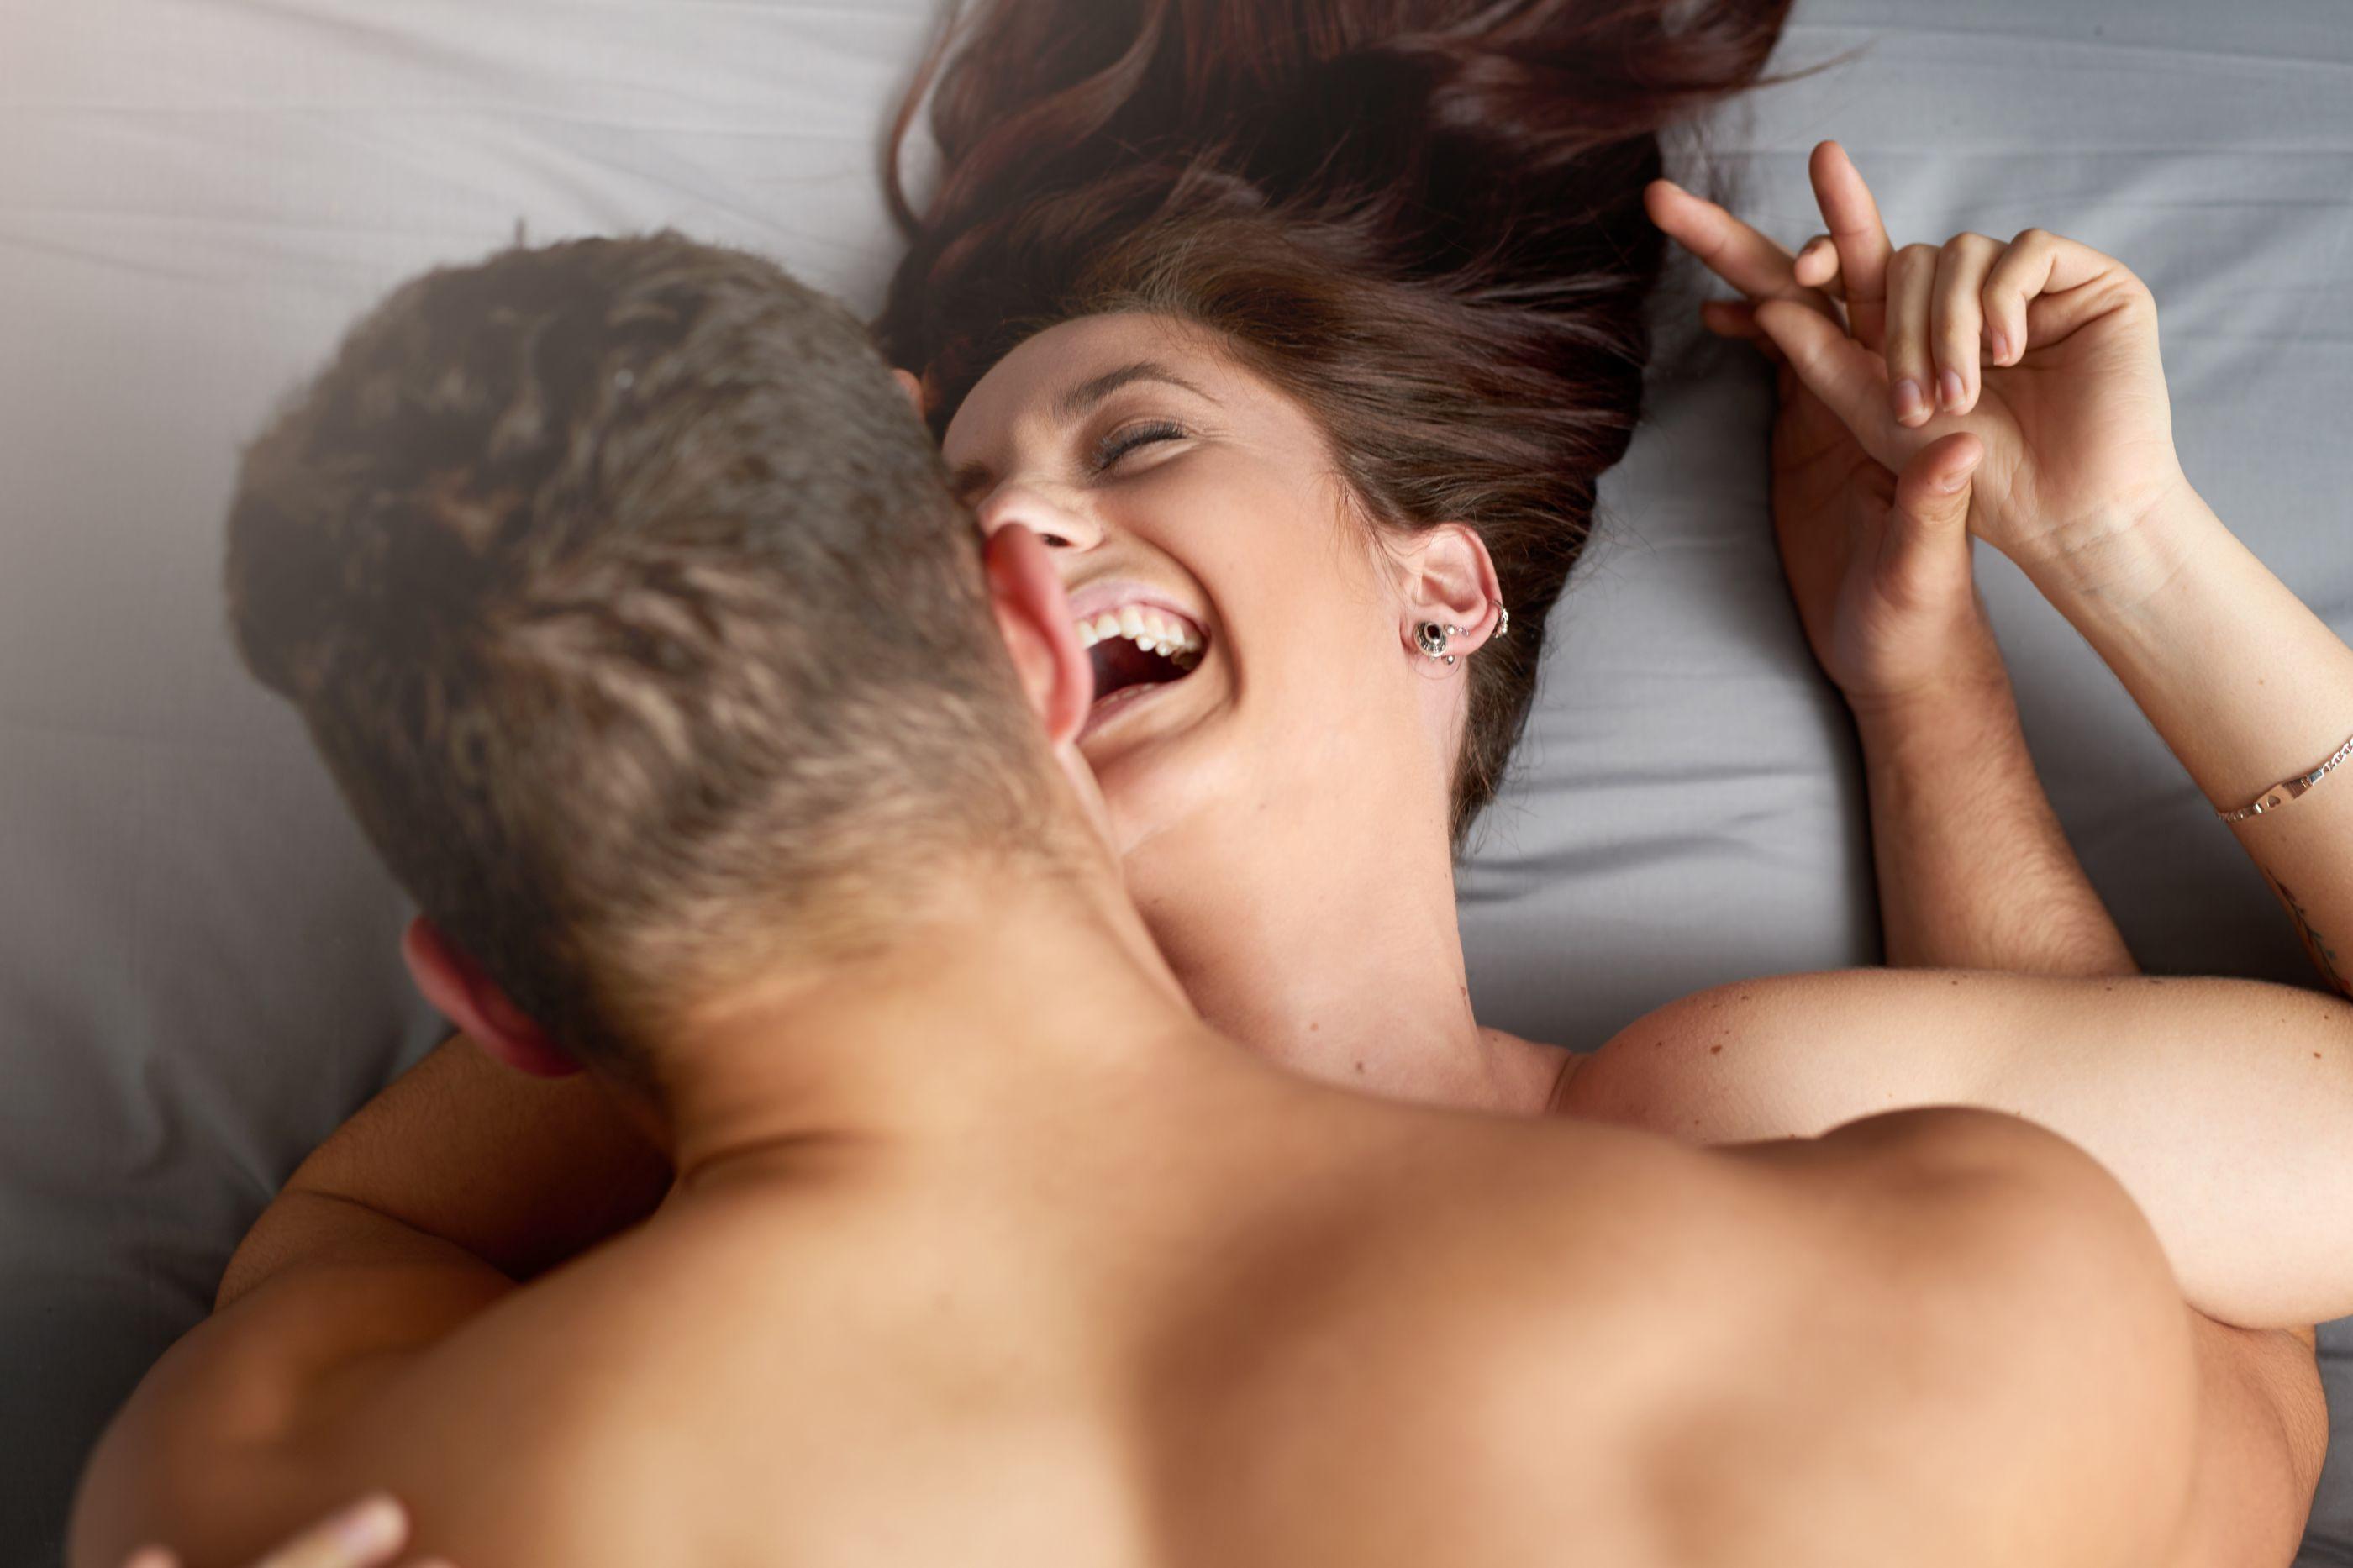 Afinal, quantas calorias se queima durante o sexo?